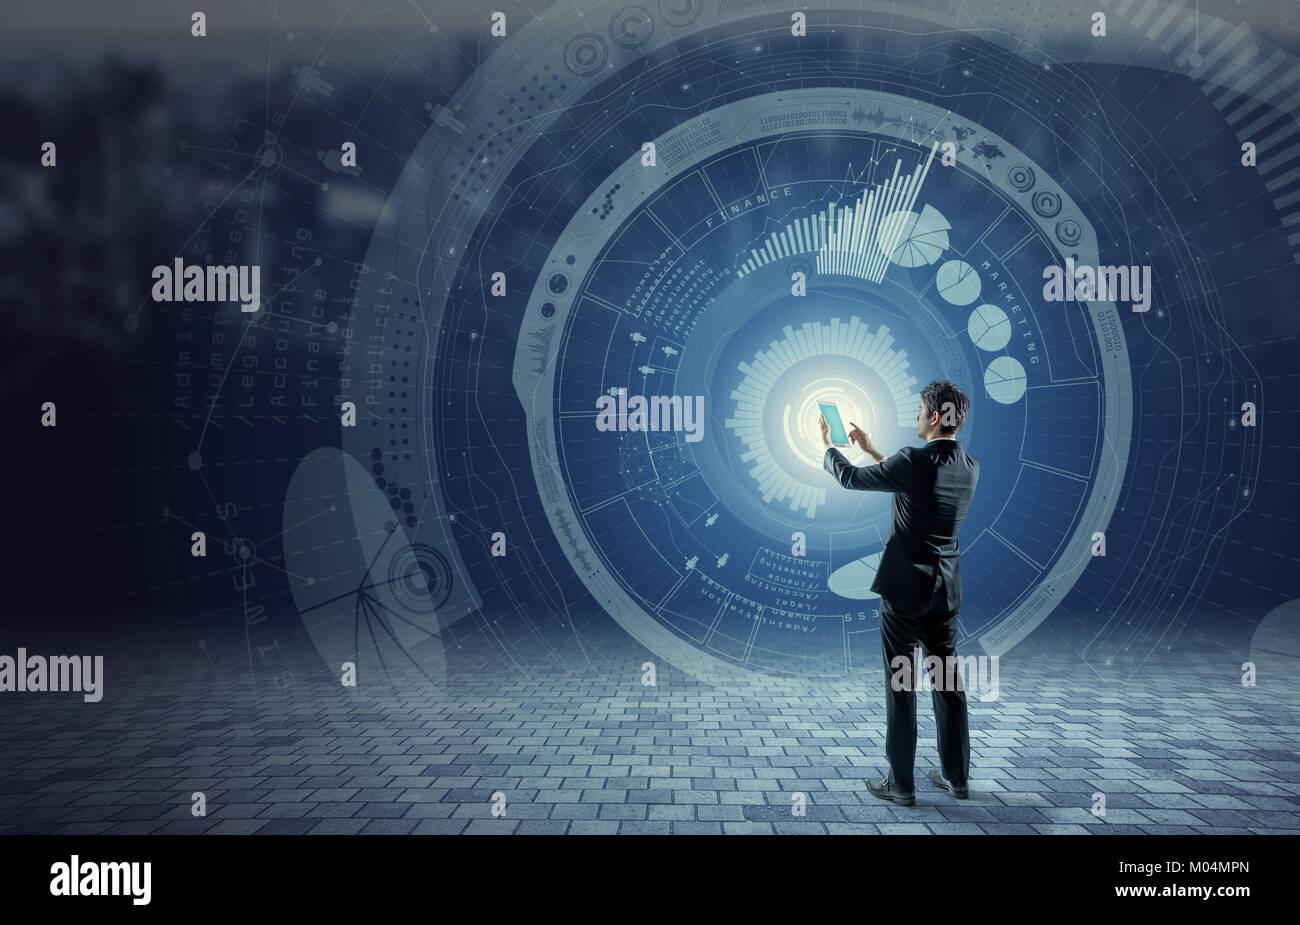 Concepto de negocio y tecnología, tecnología financiera, Internet de las cosas, la imagen abstracta visual Imagen De Stock